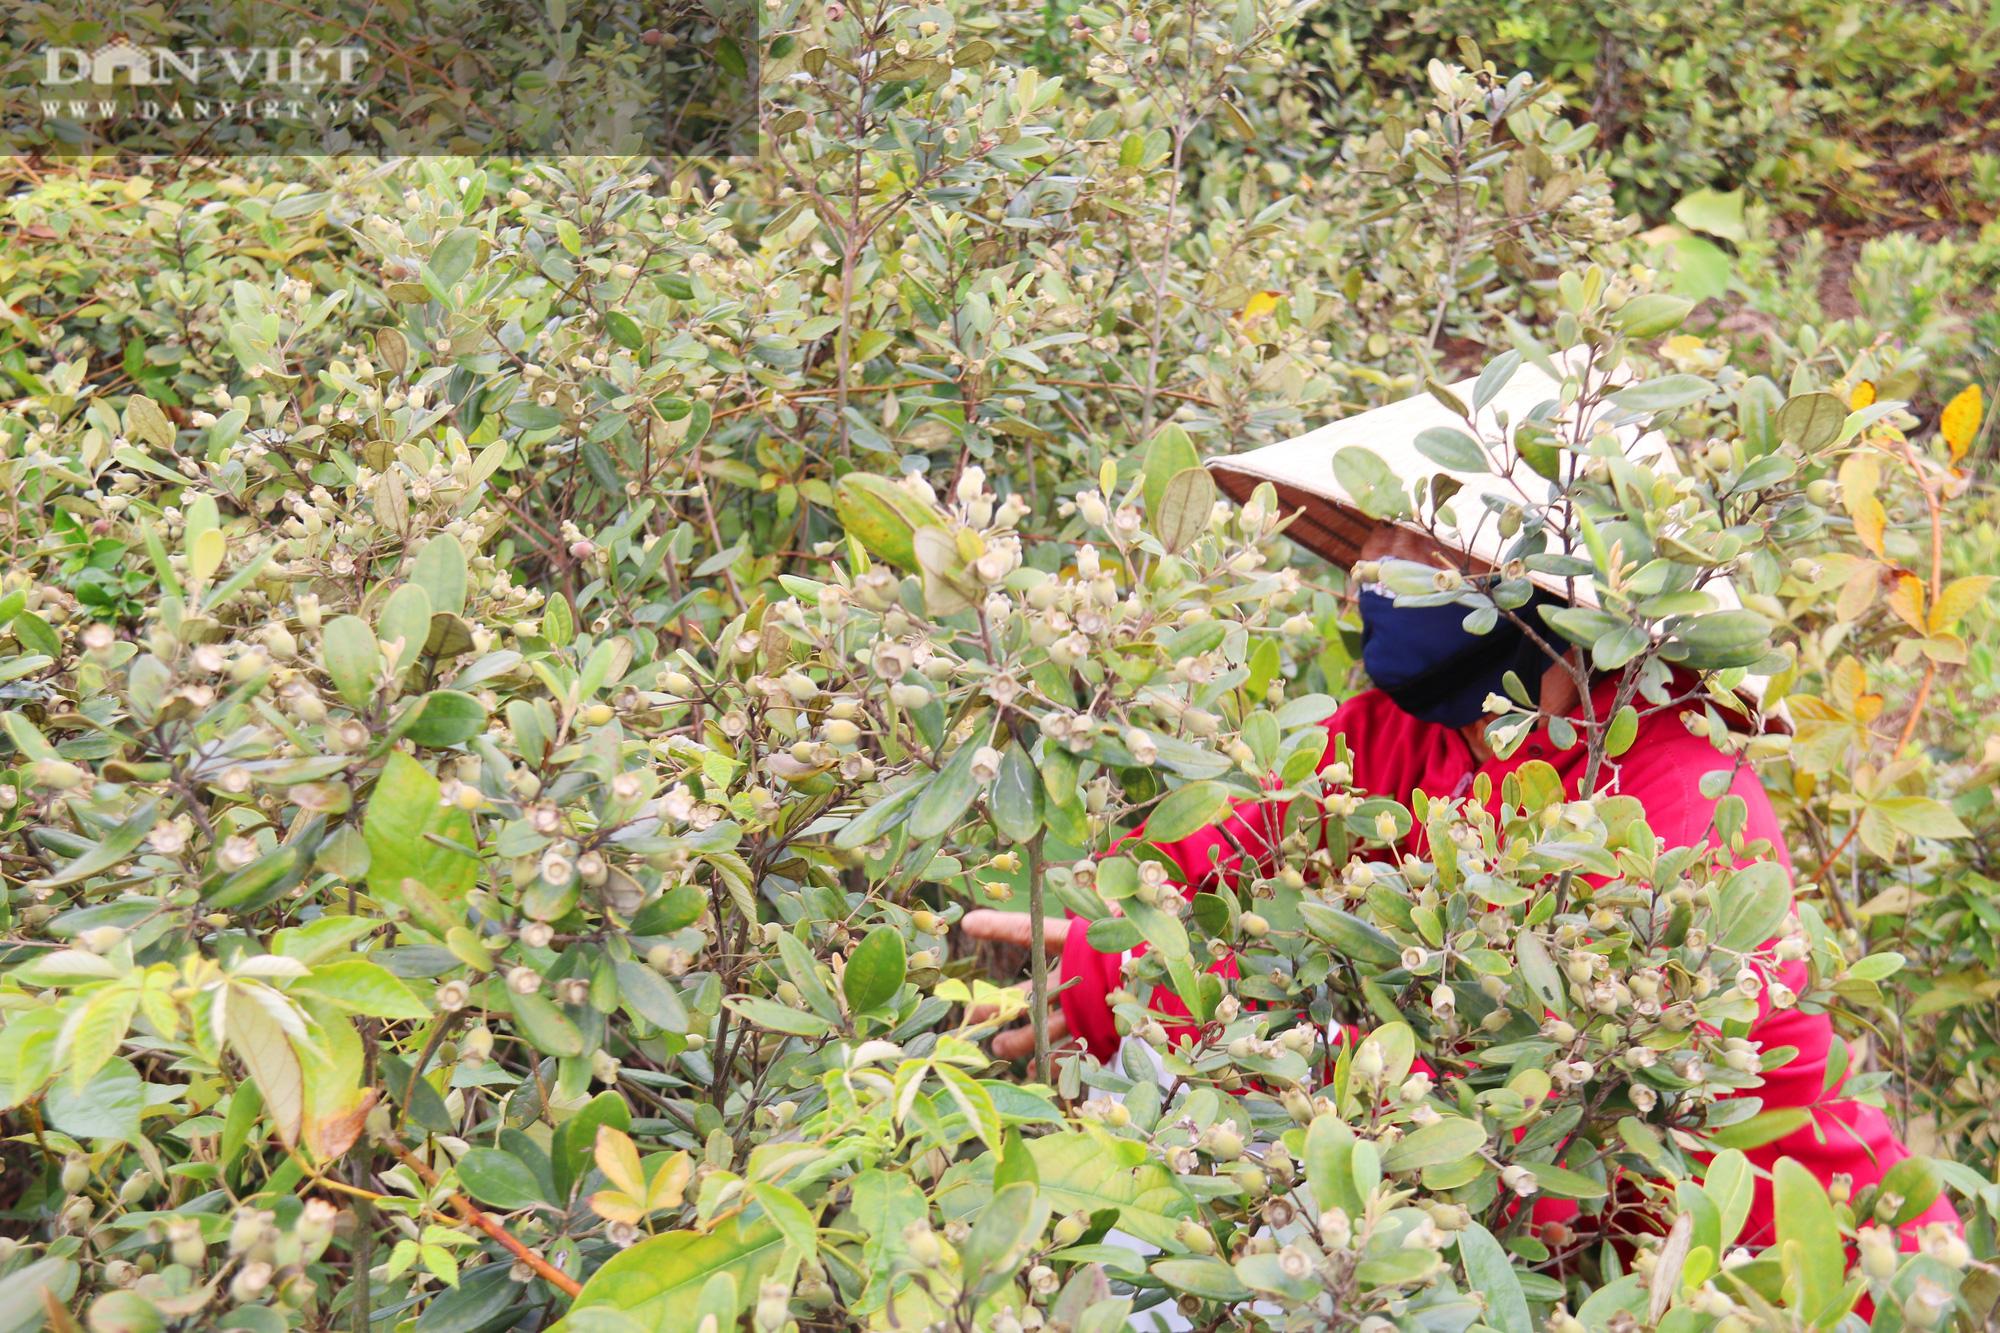 Hà Tĩnh: Người dân đổ xô lên đồi hái sim rừng, kiếm tiền triệu mỗi ngày - Ảnh 4.